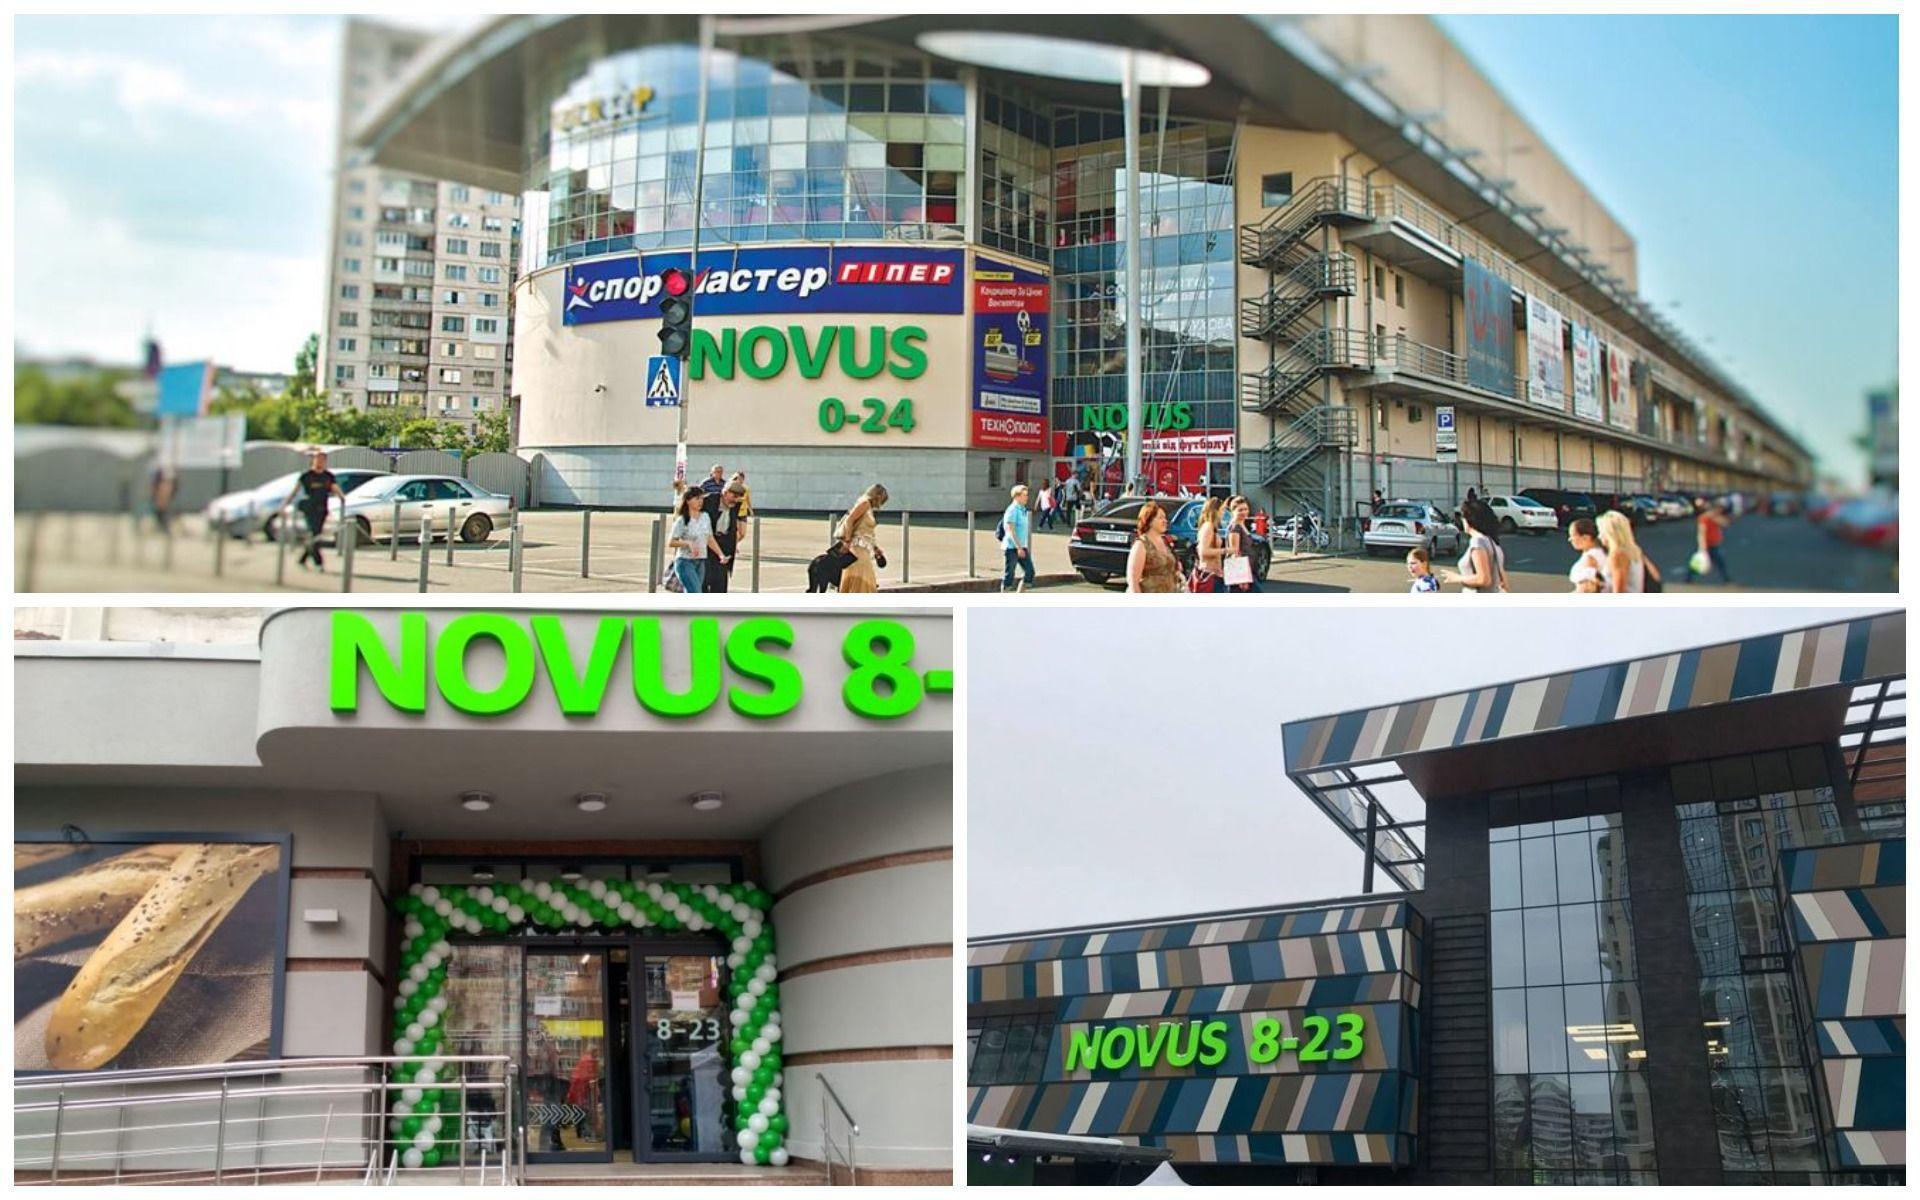 6b38cdb3f Помимо этого, в конце прошлого года компания открыла новый логистический  центр площадью 7 000 кв. м в с. Софиевская Борщаговка под Киевом.